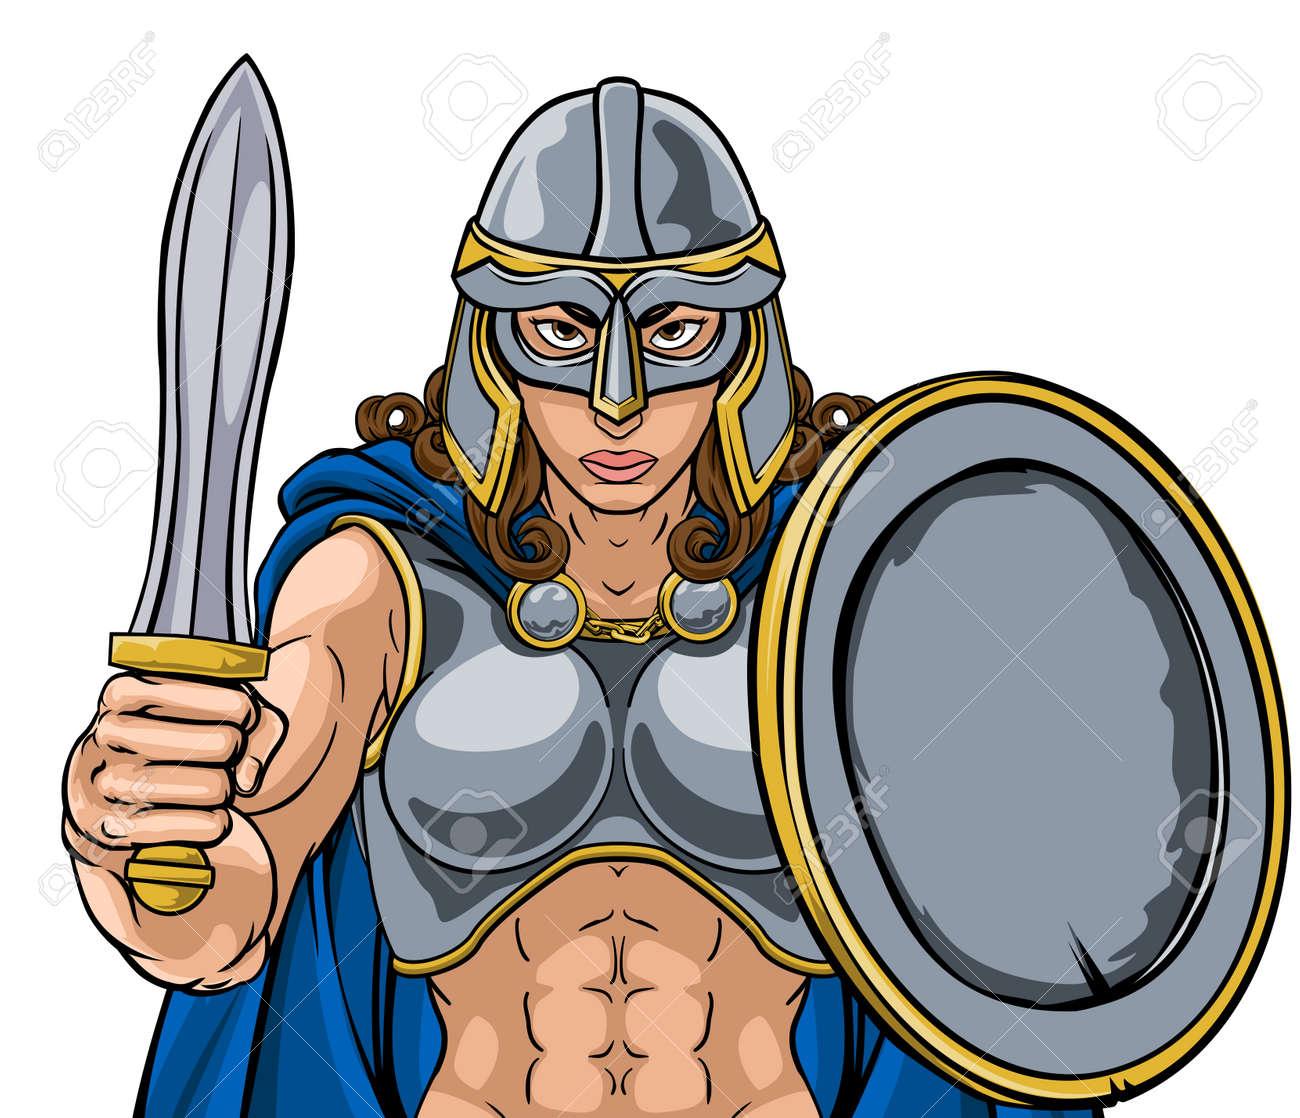 Viking Trojan Spartan Celtic Warrior Knight Woman - 171717426